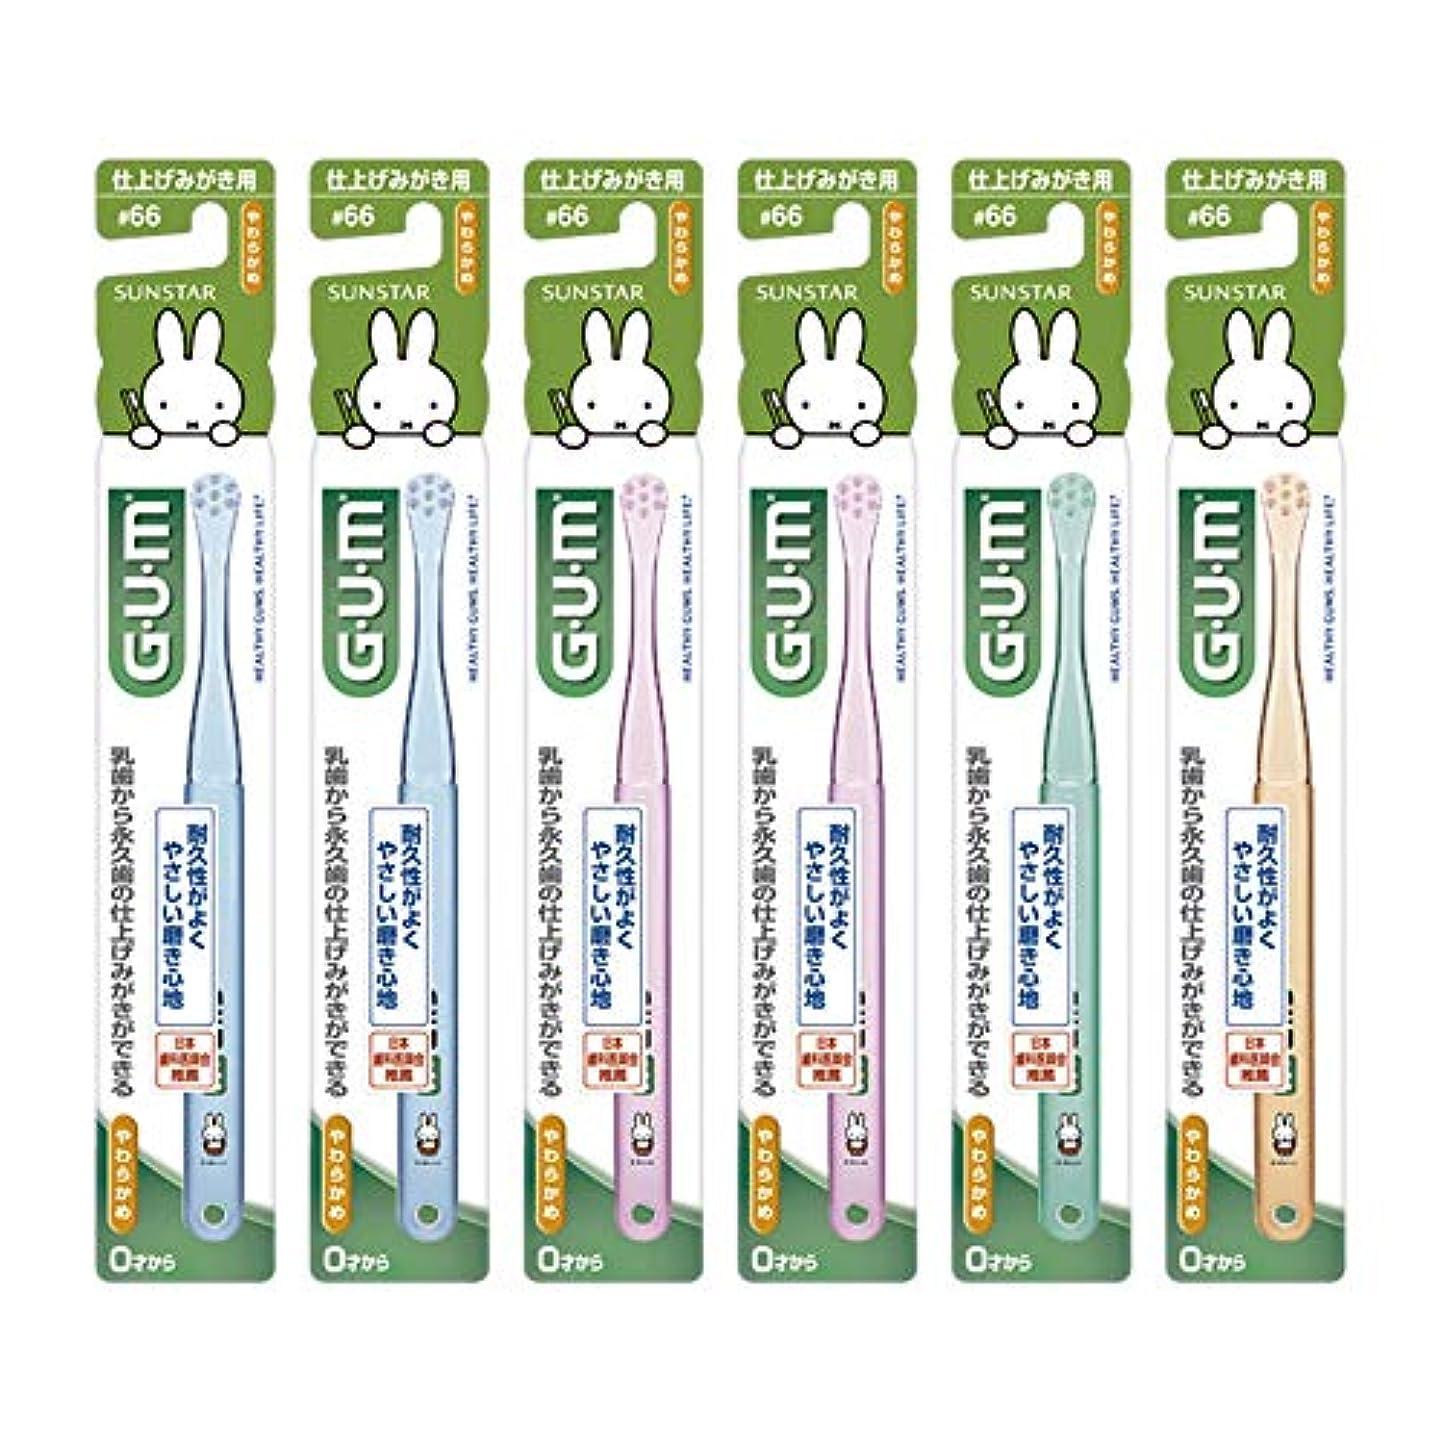 時間厳守寛解師匠GUM(ガム) デンタル こども 歯ブラシ #66 [仕上げみがき用/やわらかめ] 6本パック+ おまけつき【Amazon.co.jp限定】